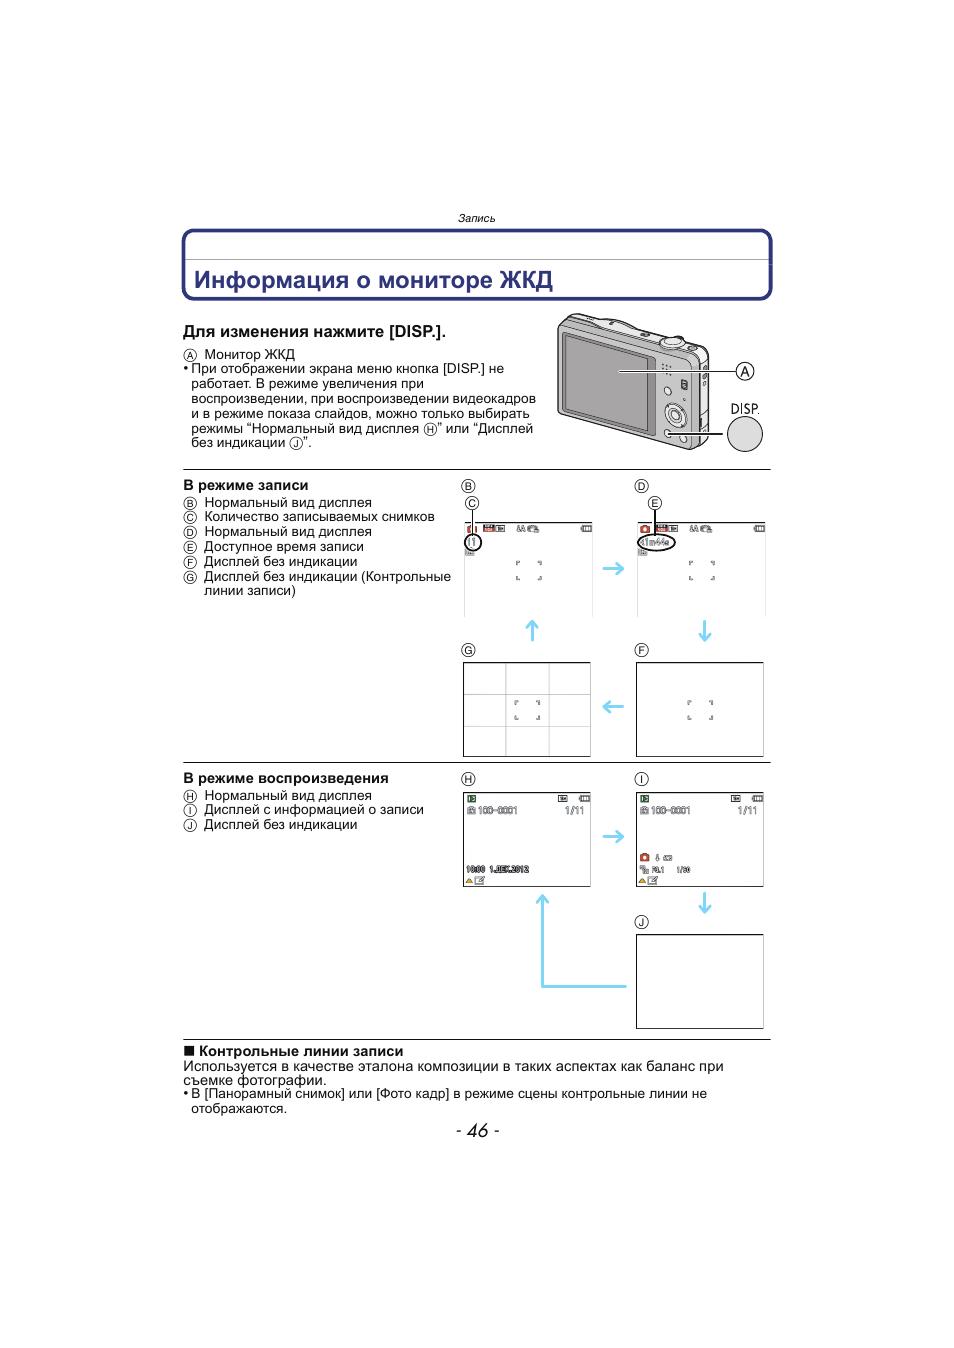 Запись, Информация о мониторе жкд, P46) Инструкция по эксплуатации Panasonic DMC-SZ1 Страница 46 / 128